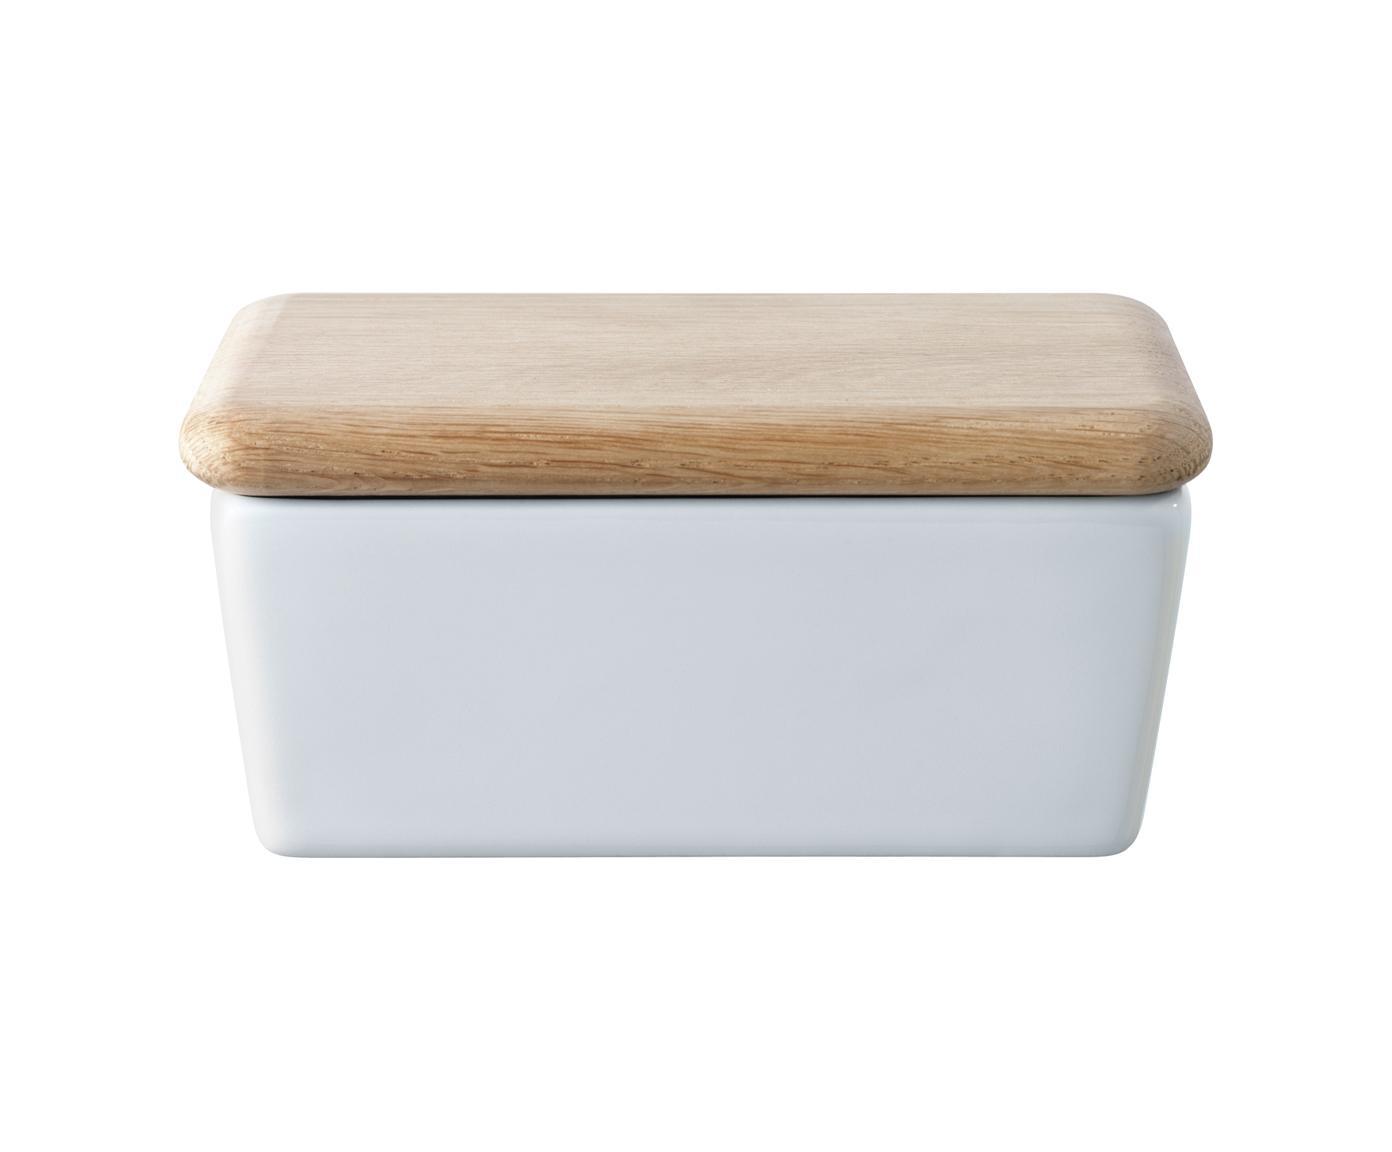 Butterdose Dine, Dose: Porzellan, Deckel: Eichenholz, Weiß, Eichenholz, 14 x 7 cm